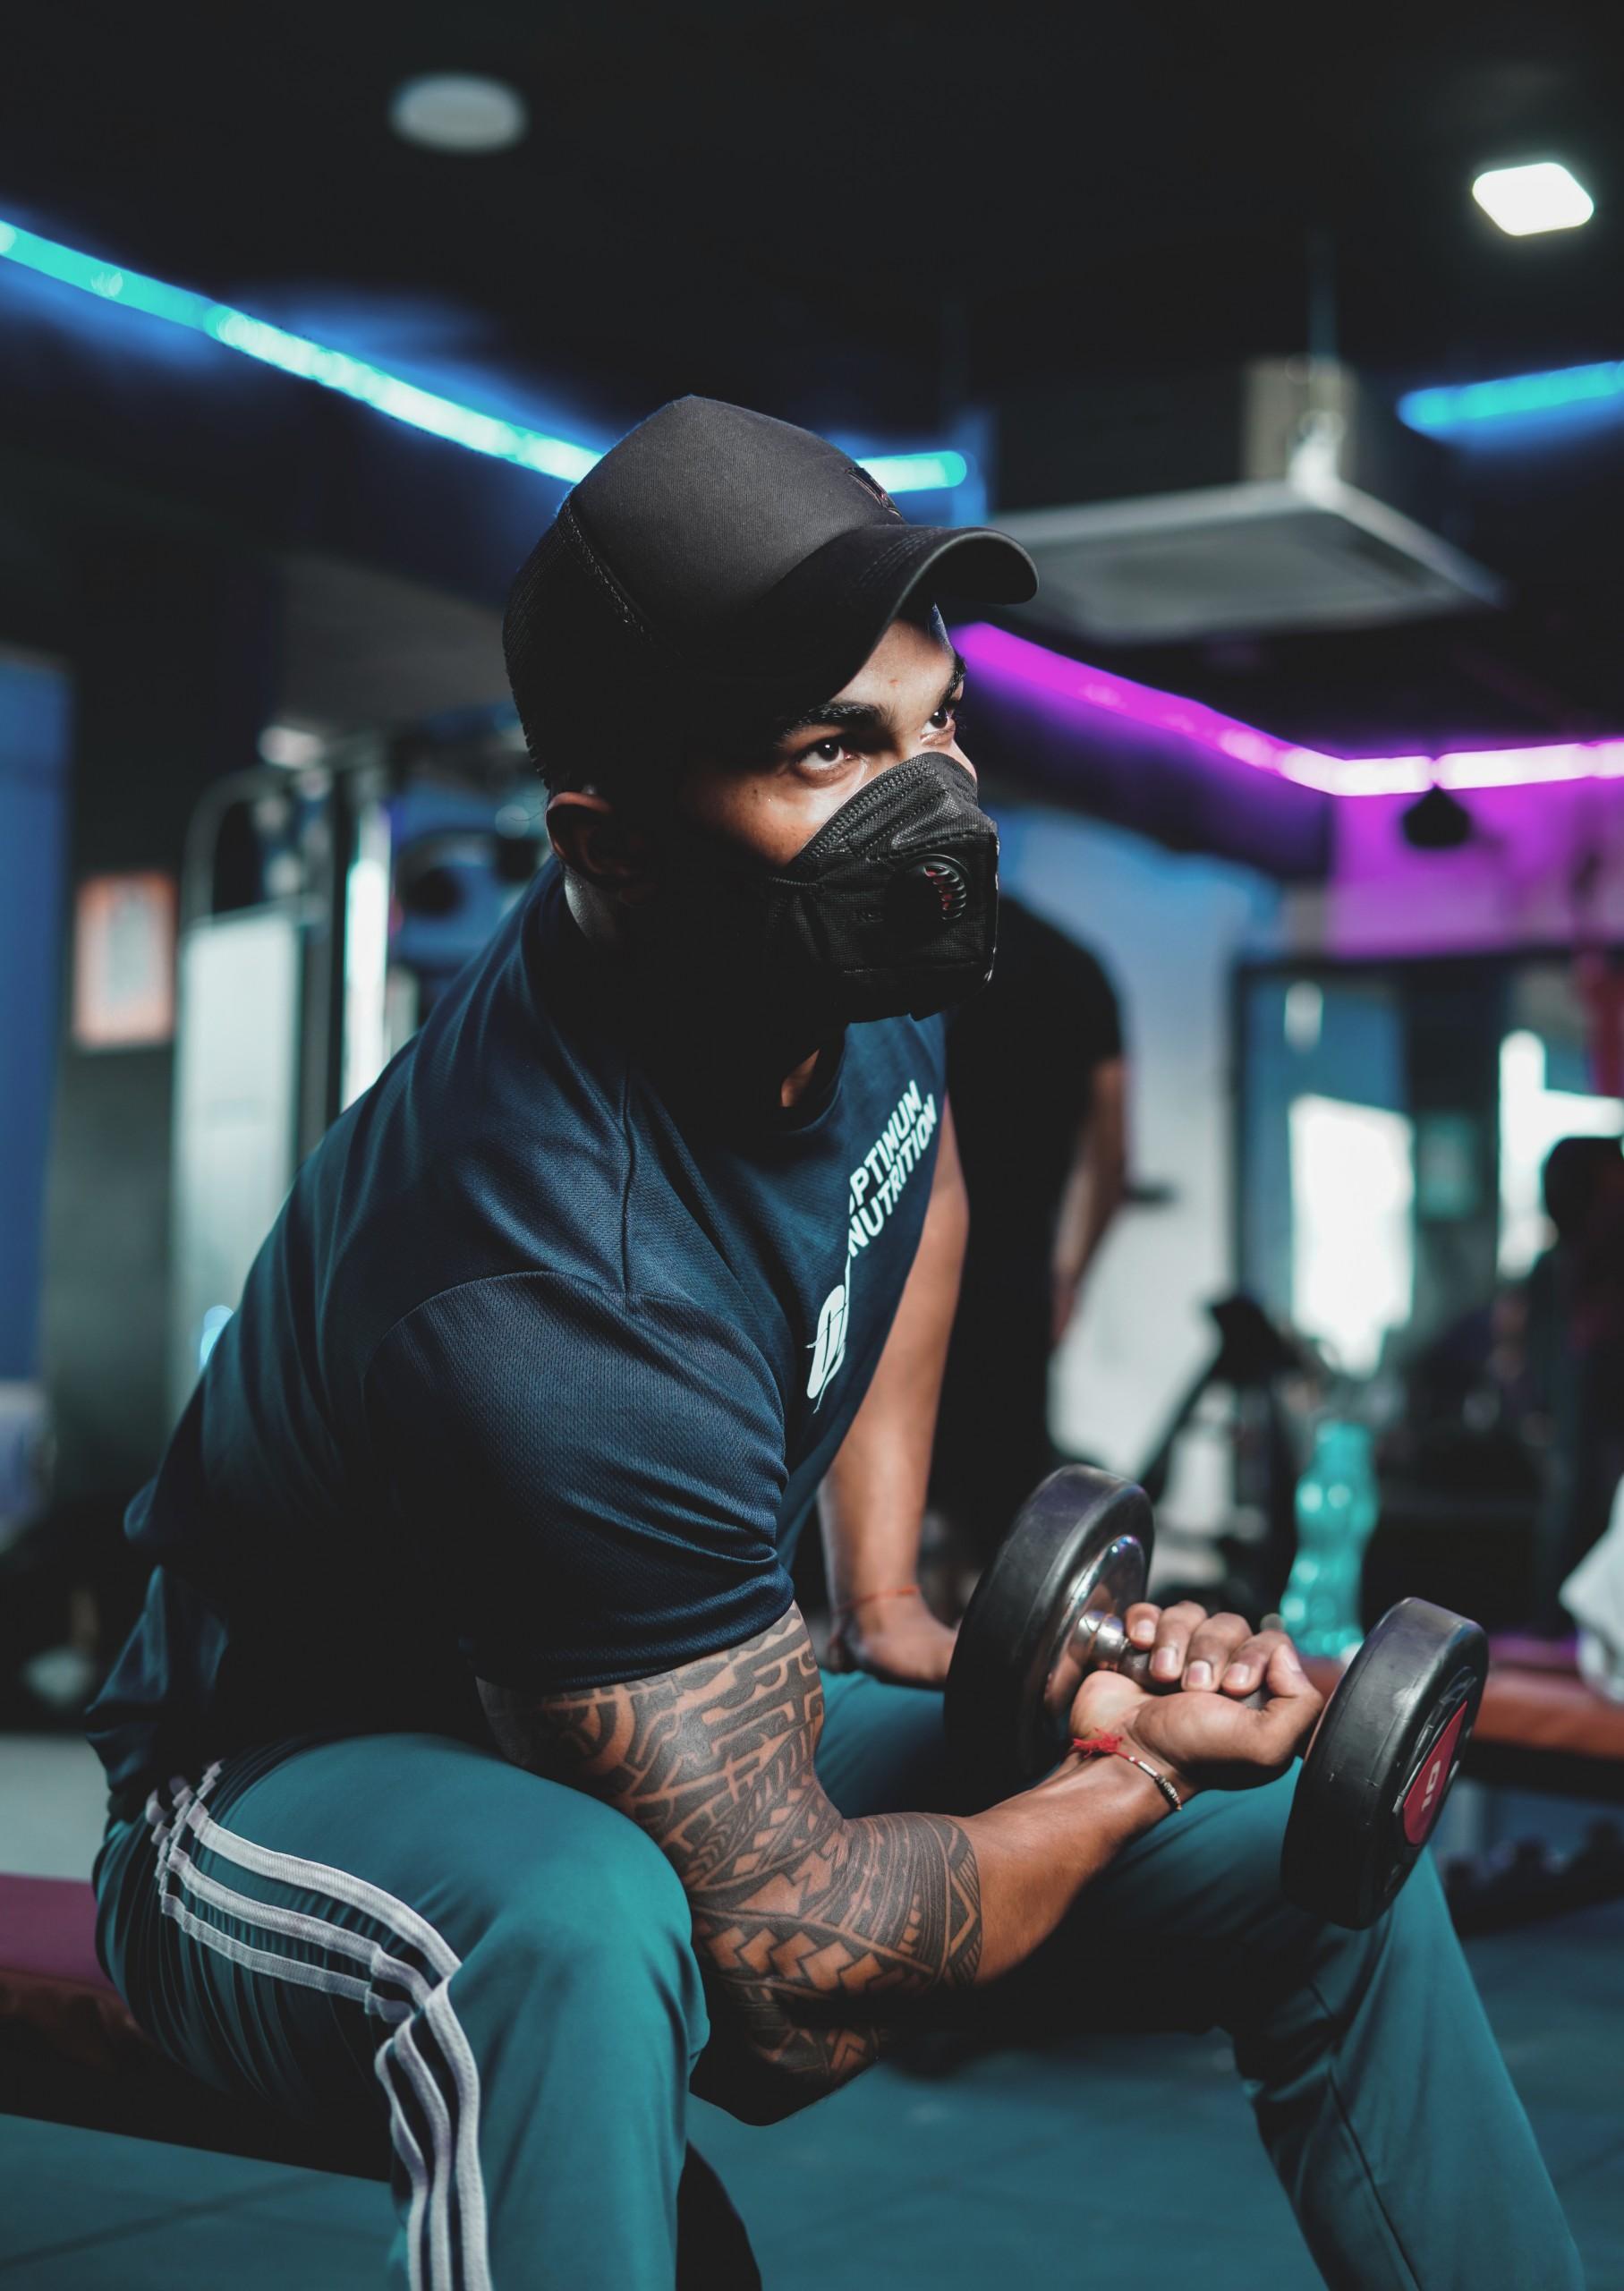 Dumbbells workout for biceps